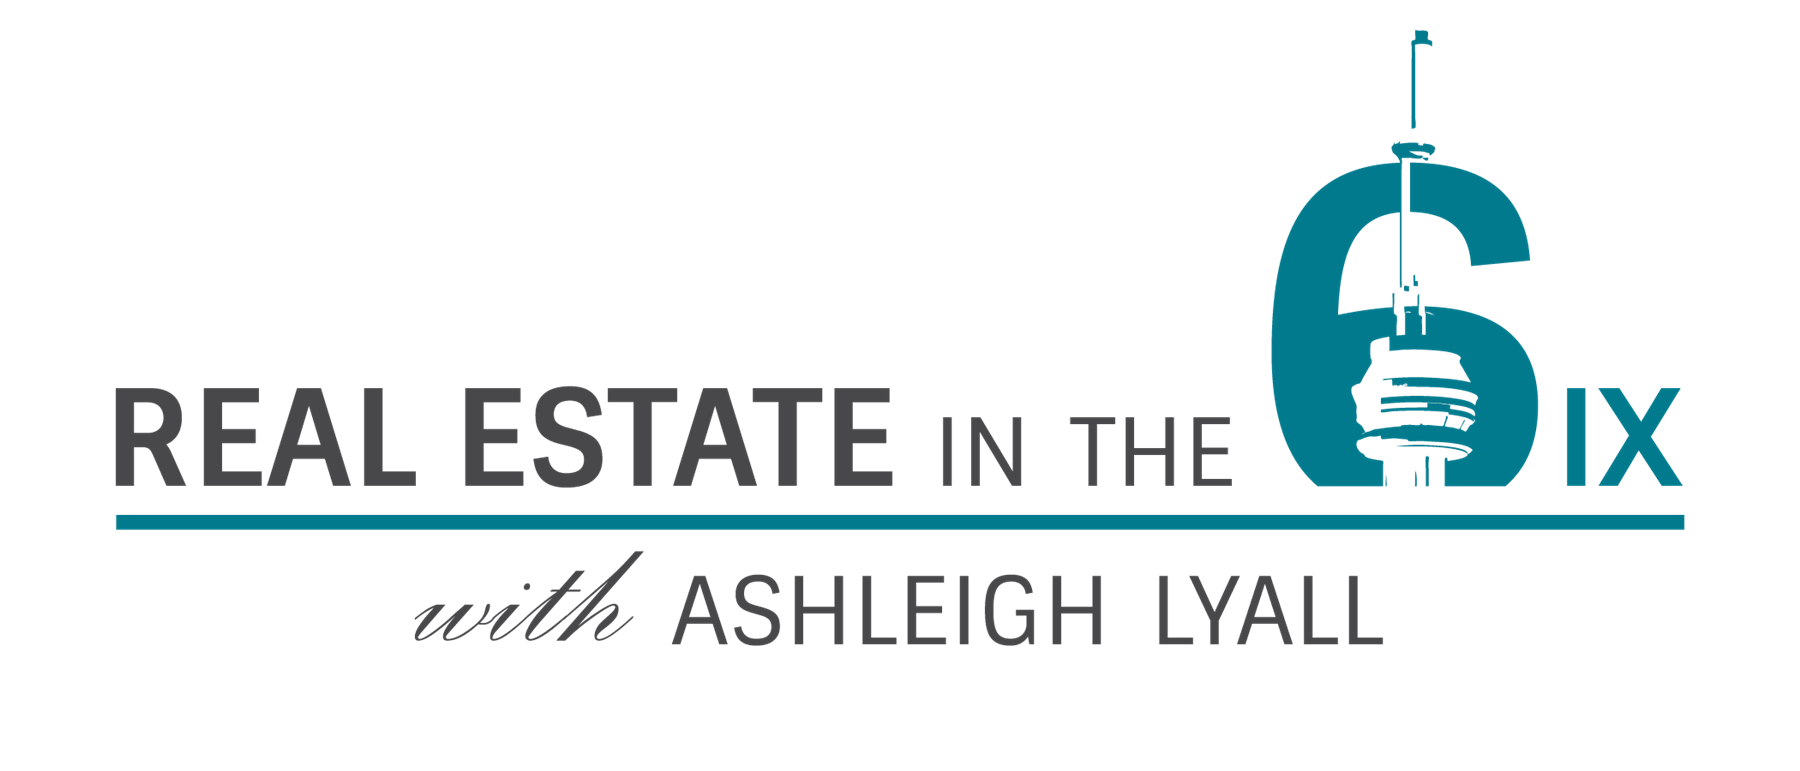 Ashleigh Lyall